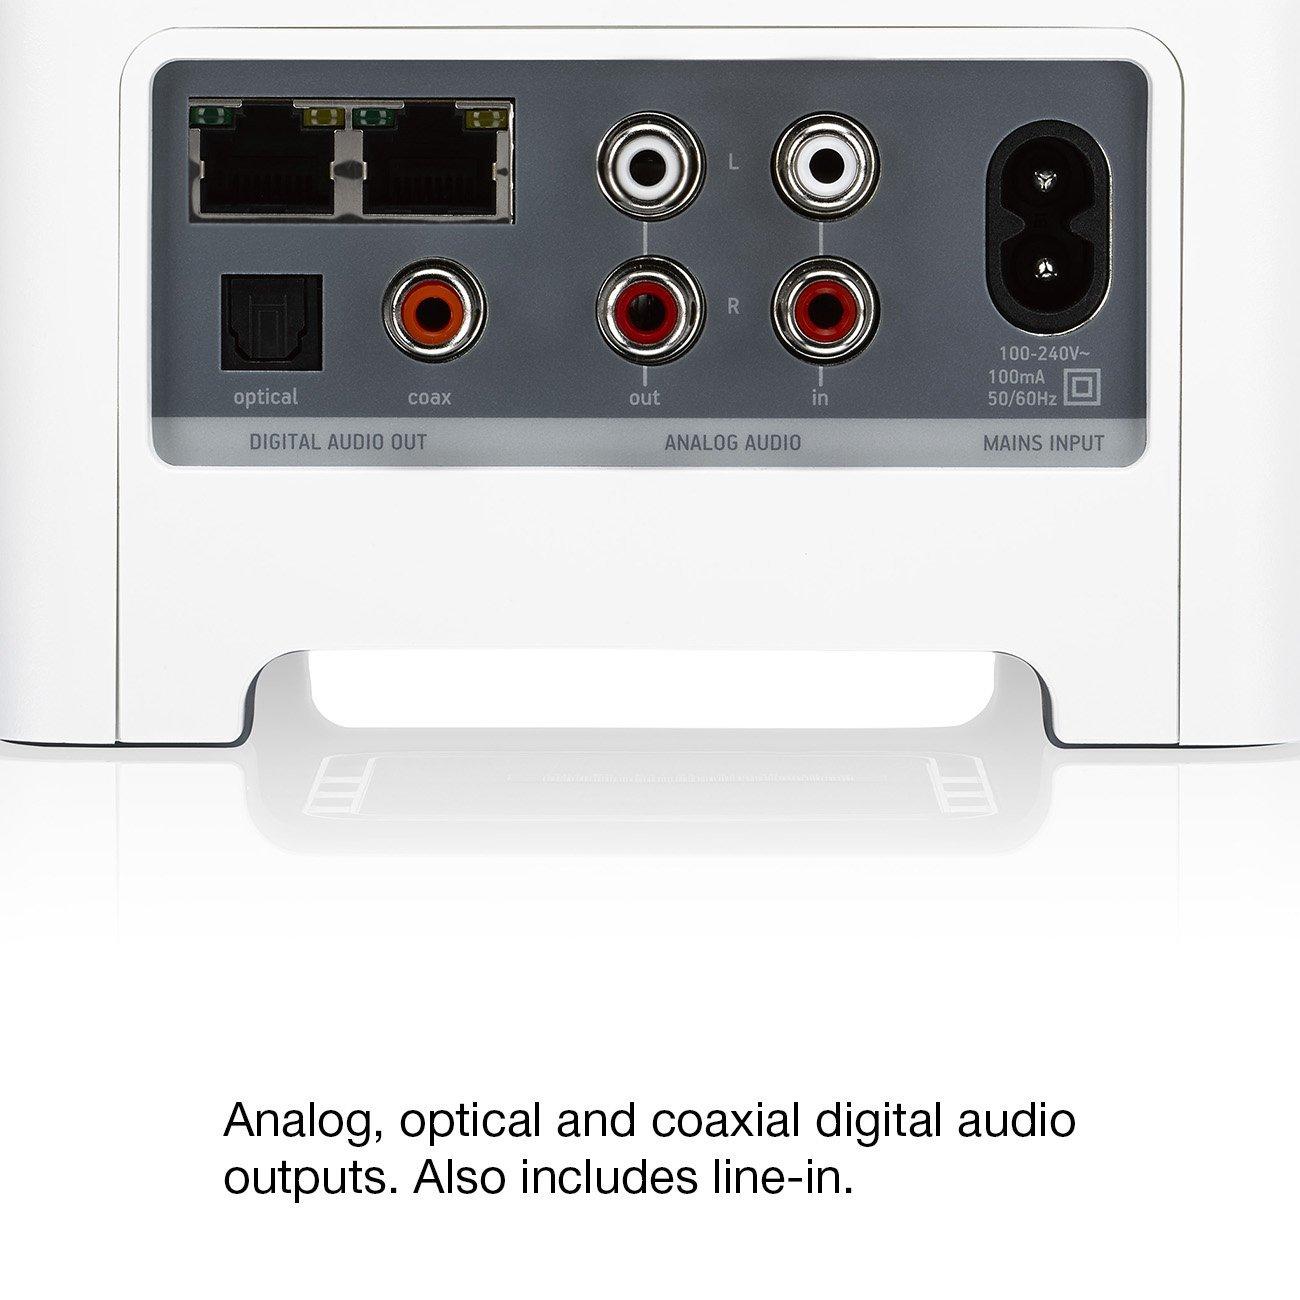 Sonos CONNECT 2.0channels Hogar Alámbrico Blanco - Amplificador de audio (2.0 canales, 0,009%, 20-20000 Hz, 100-240, 50/60, 136 mm): Amazon.es: Electrónica